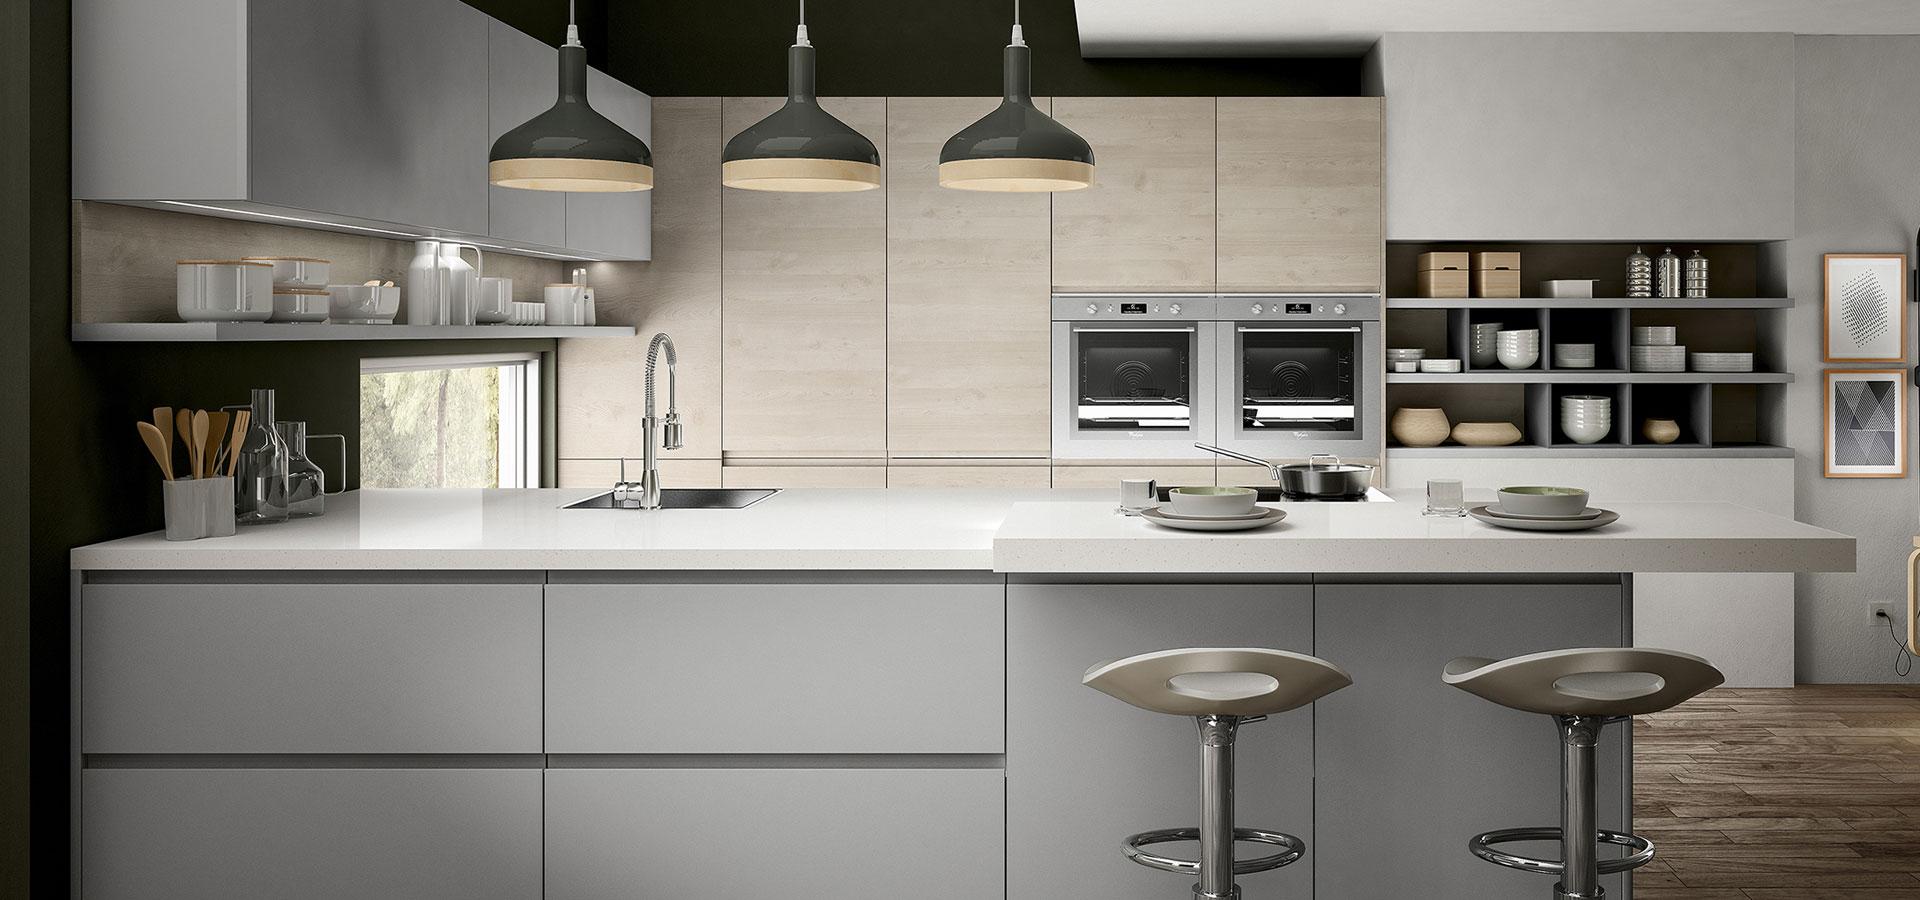 Cucina senza maniglia belle pratiche e di tendenza blog design 360 roma - Cucina senza maniglie ...